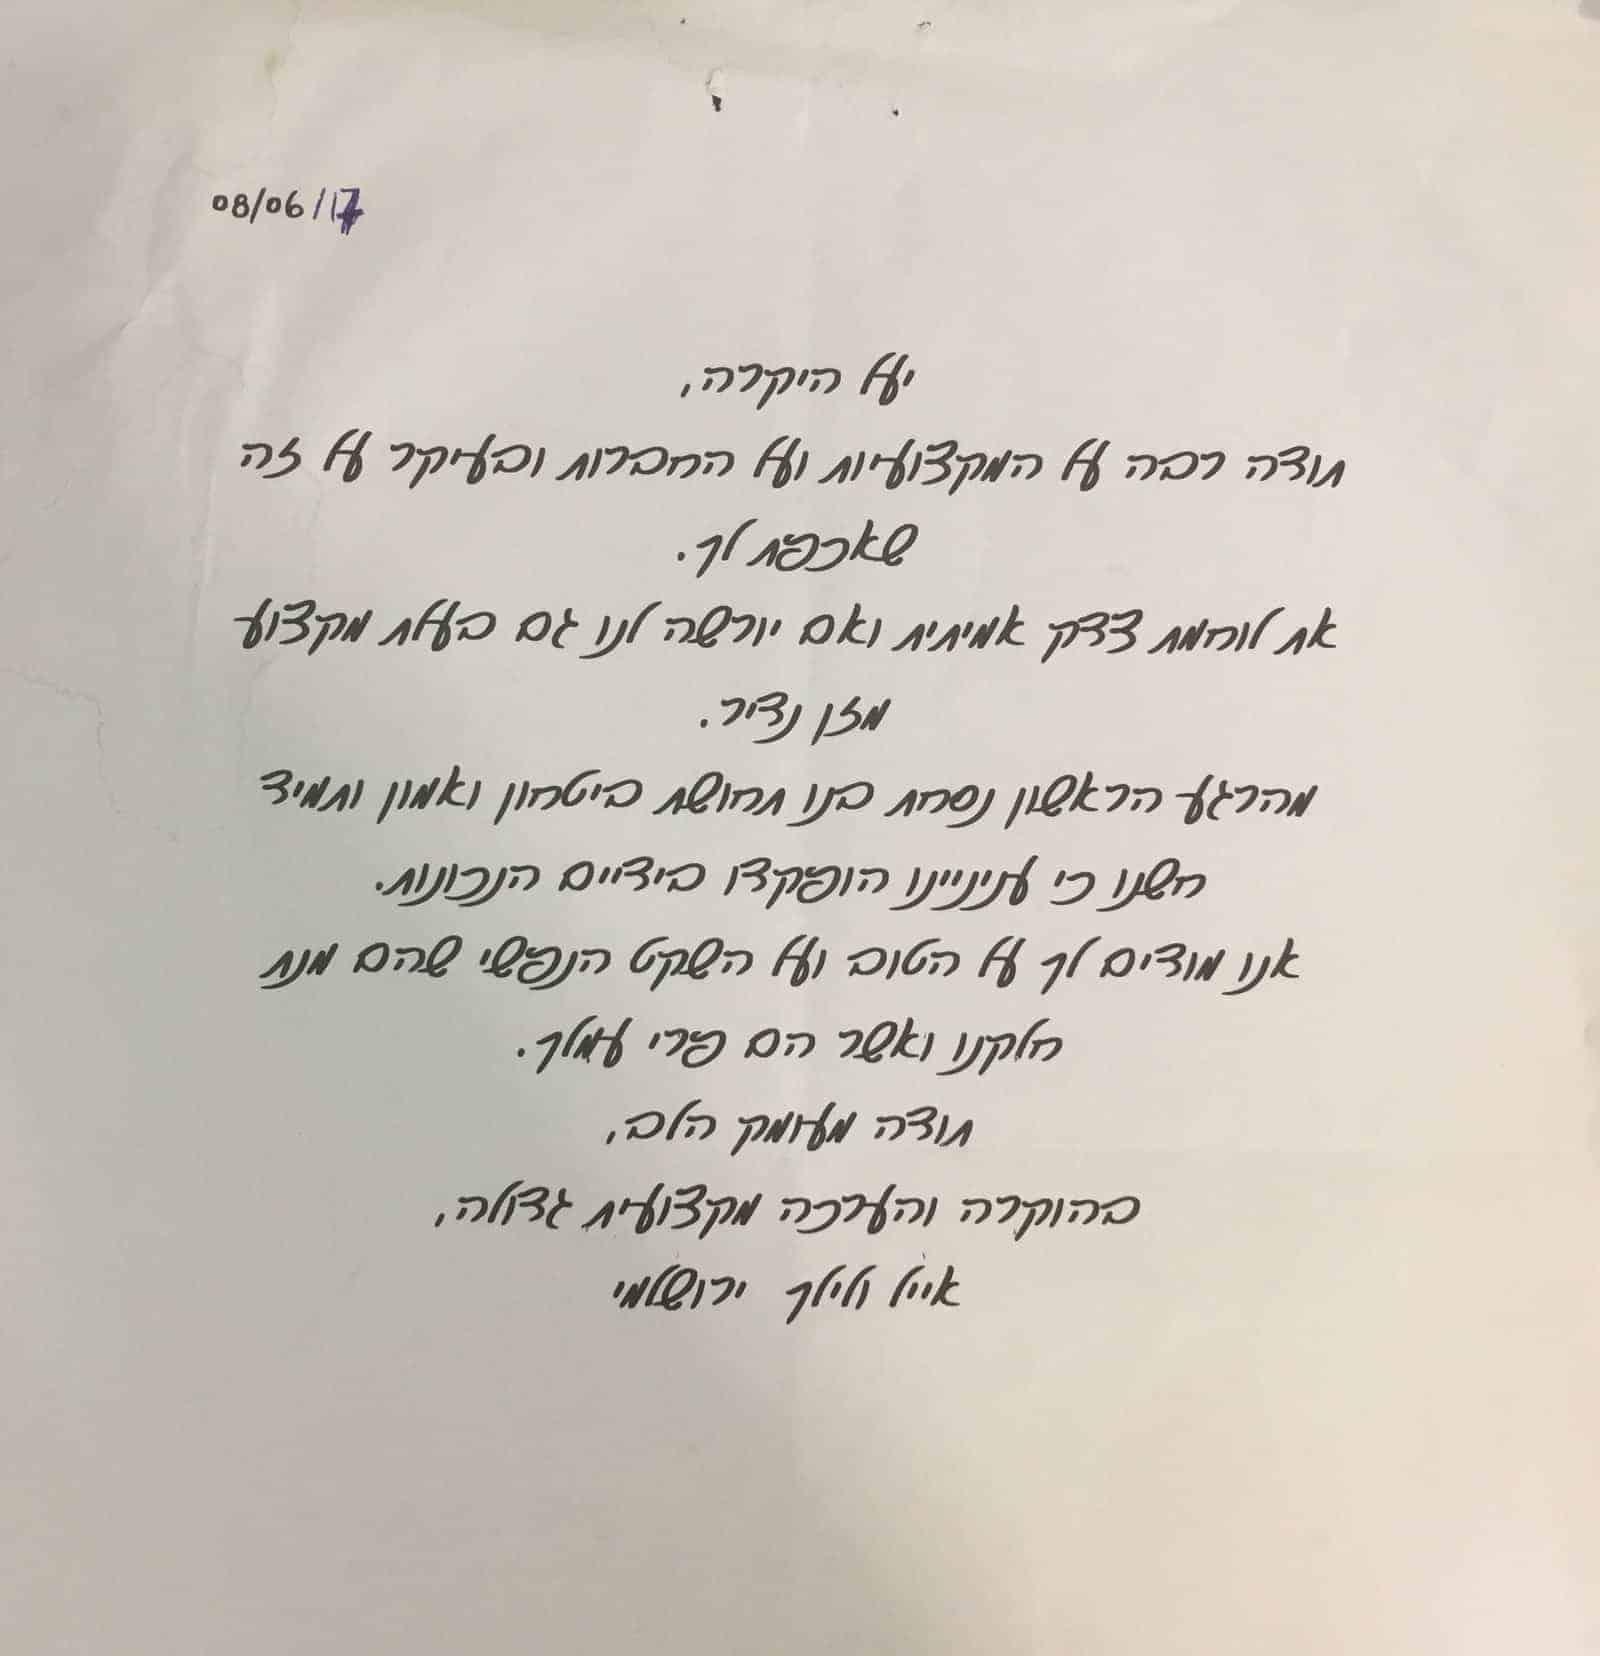 מכתב-המלצה-יעל-כהן-19.7.18-1